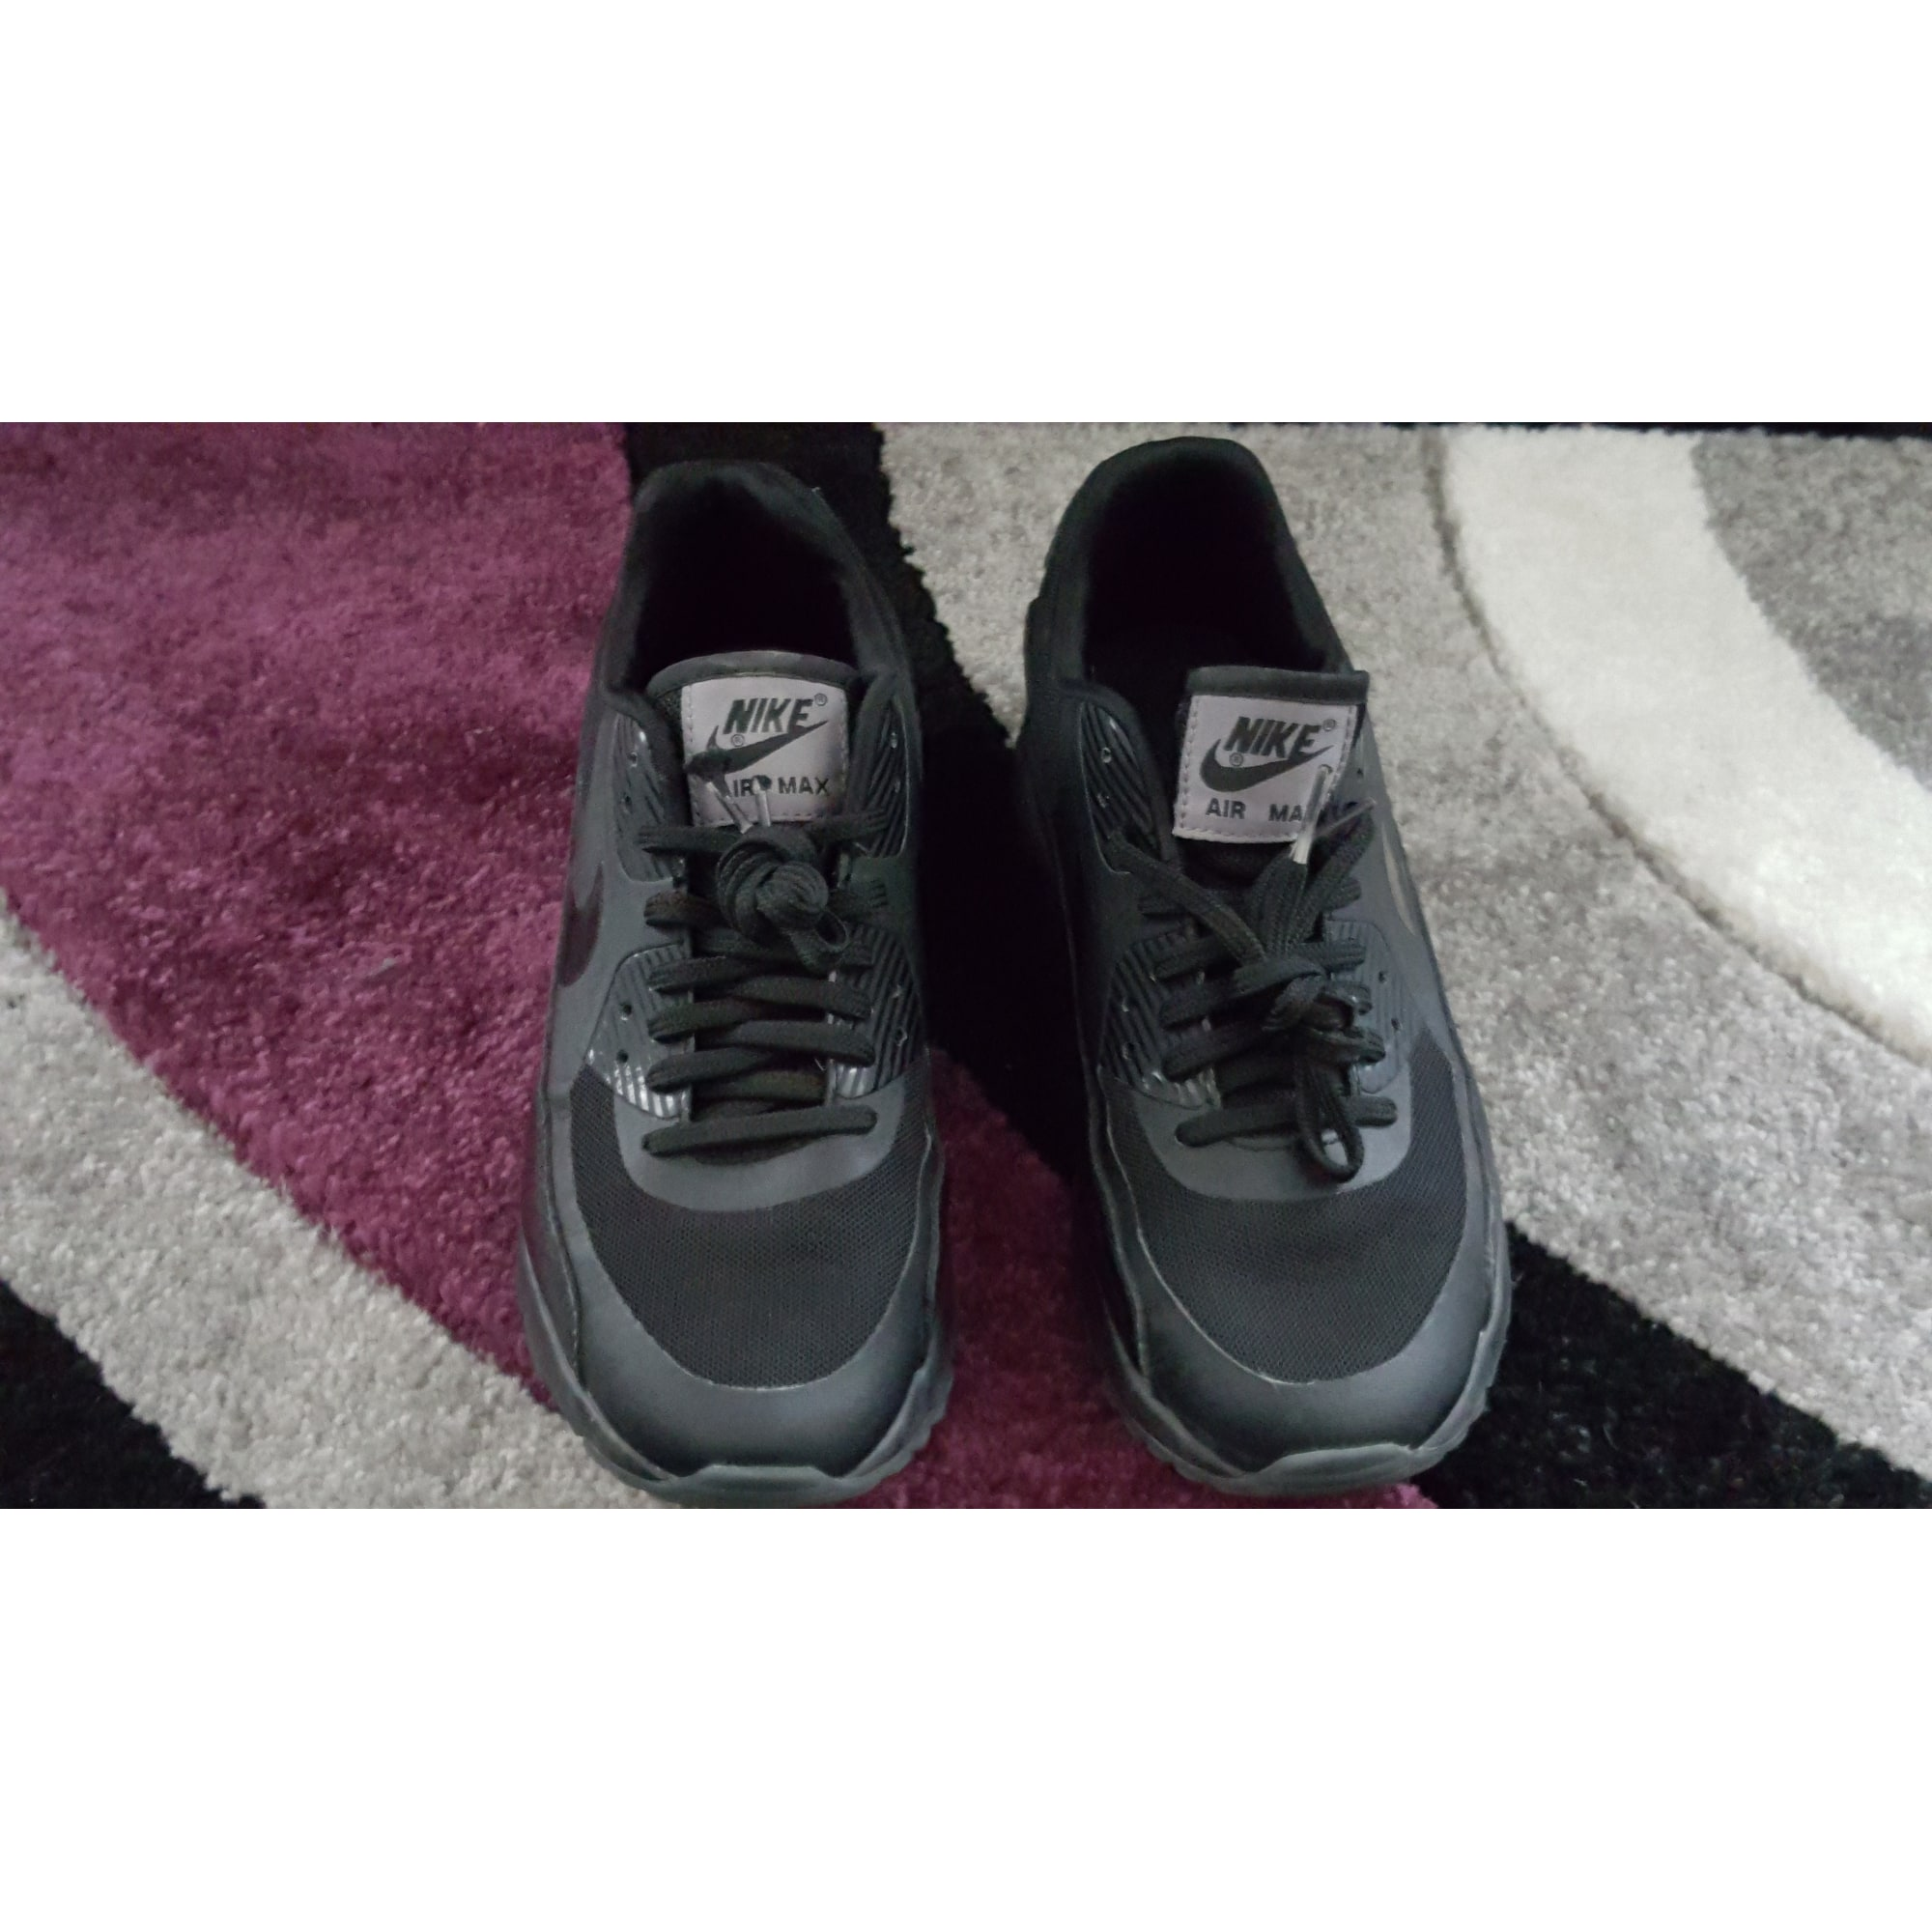 Nike 38 Chaussures Noir 5187622 De Sport Vendu Titine7695 Par RjqL534A